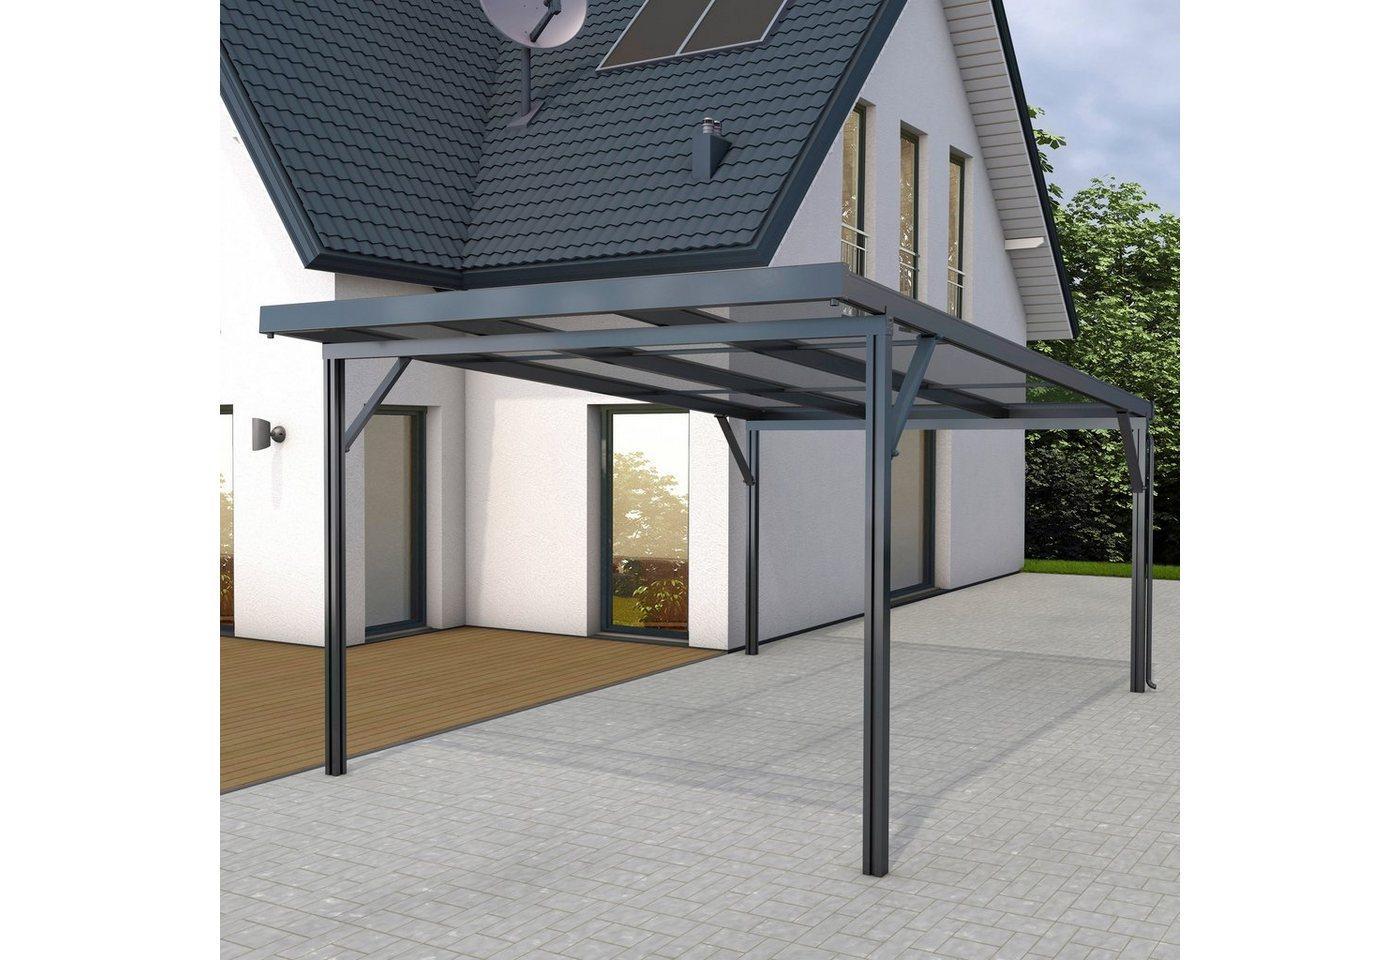 GUTTA Einzelcarport »Premium«, 200 cm Einfahrtshöhe, BxT: 309x562 cm, Dacheindeckung Acryl klar, grau